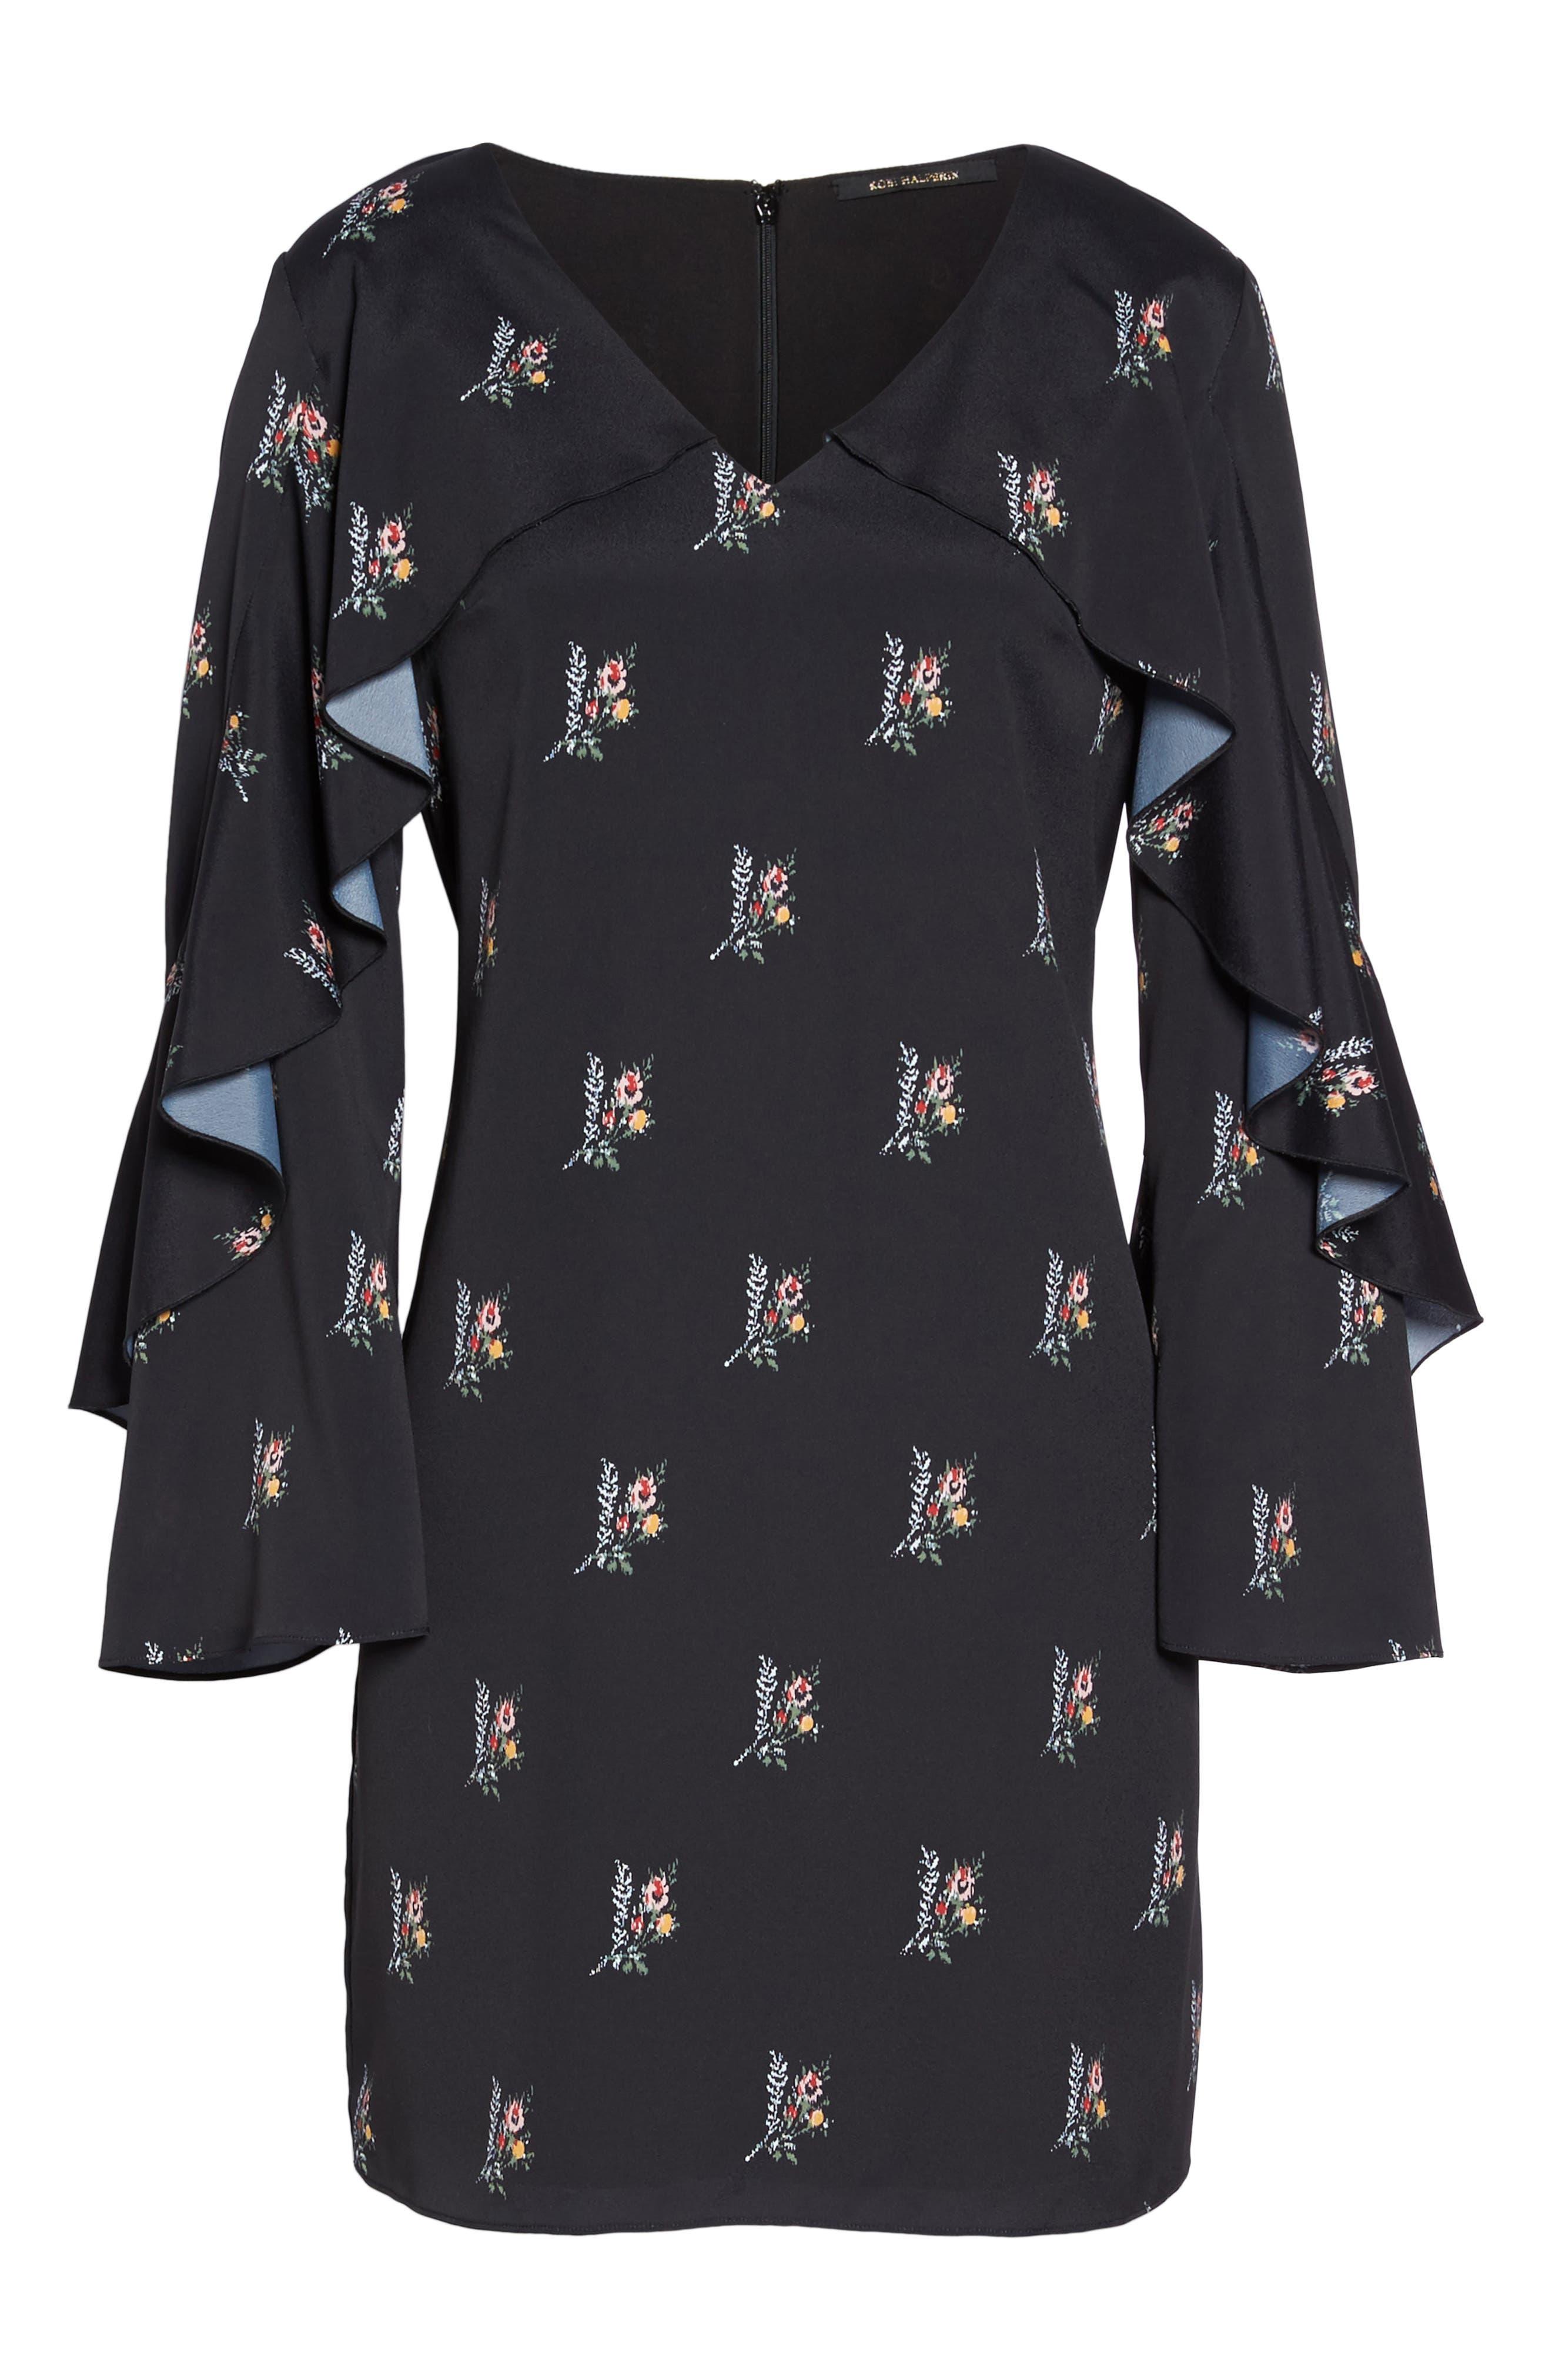 Olessia Ruffle Shift Dress,                             Alternate thumbnail 7, color,                             Black Multi